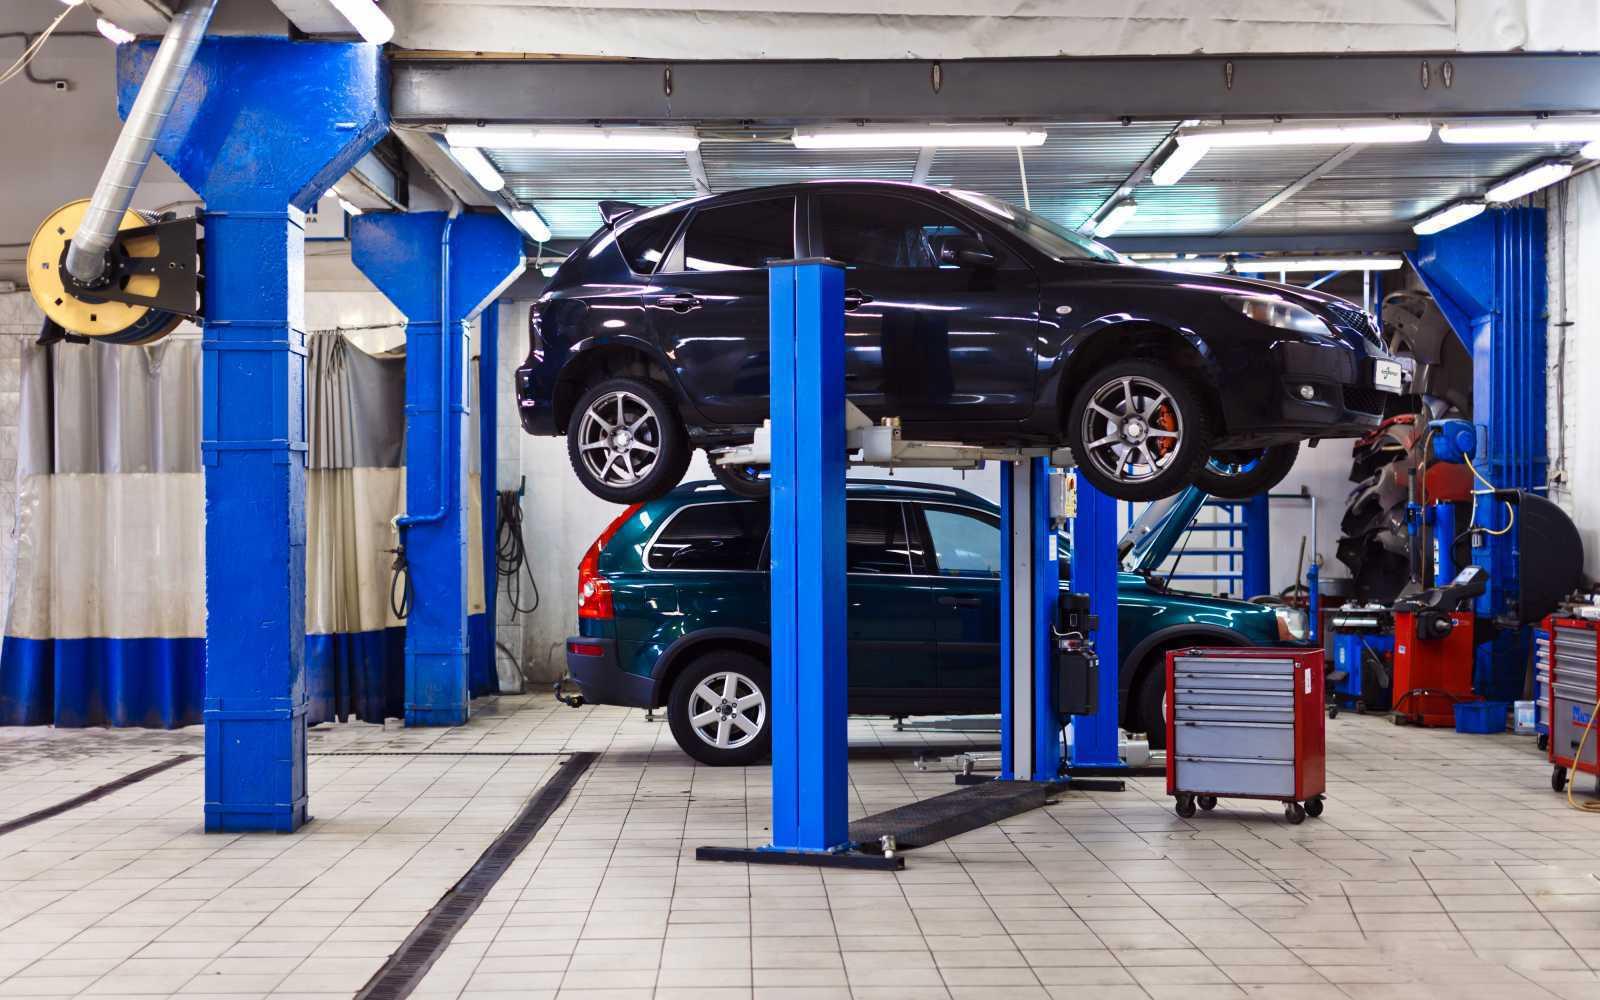 Продажа бизнеса автомойки в волжском частные объявления о продажи техники в финляндии